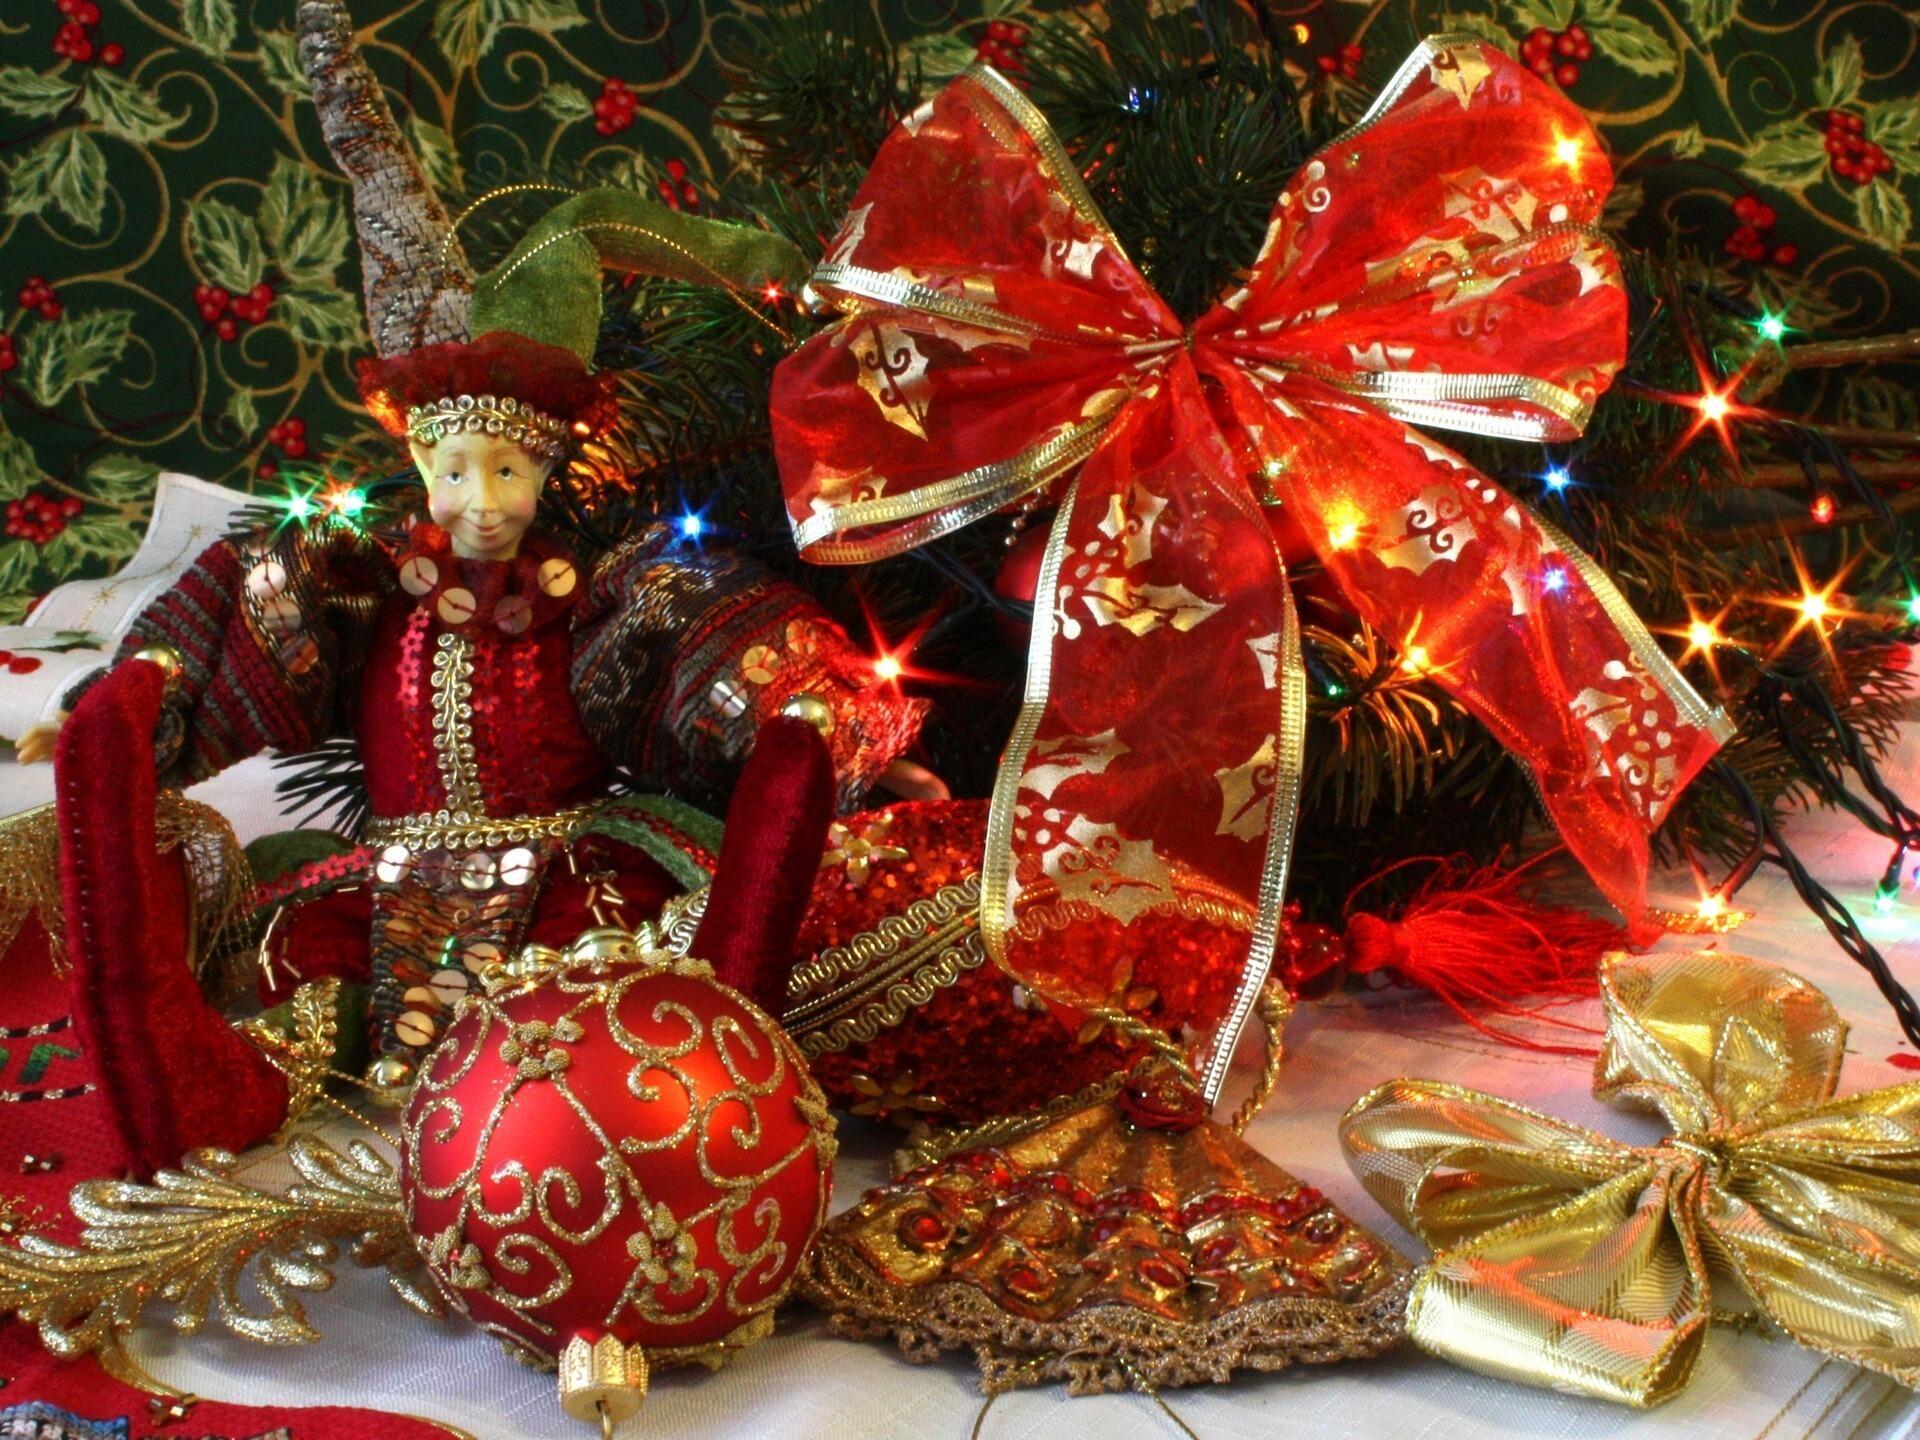 убереги картинка с новогодней тематикой светлого